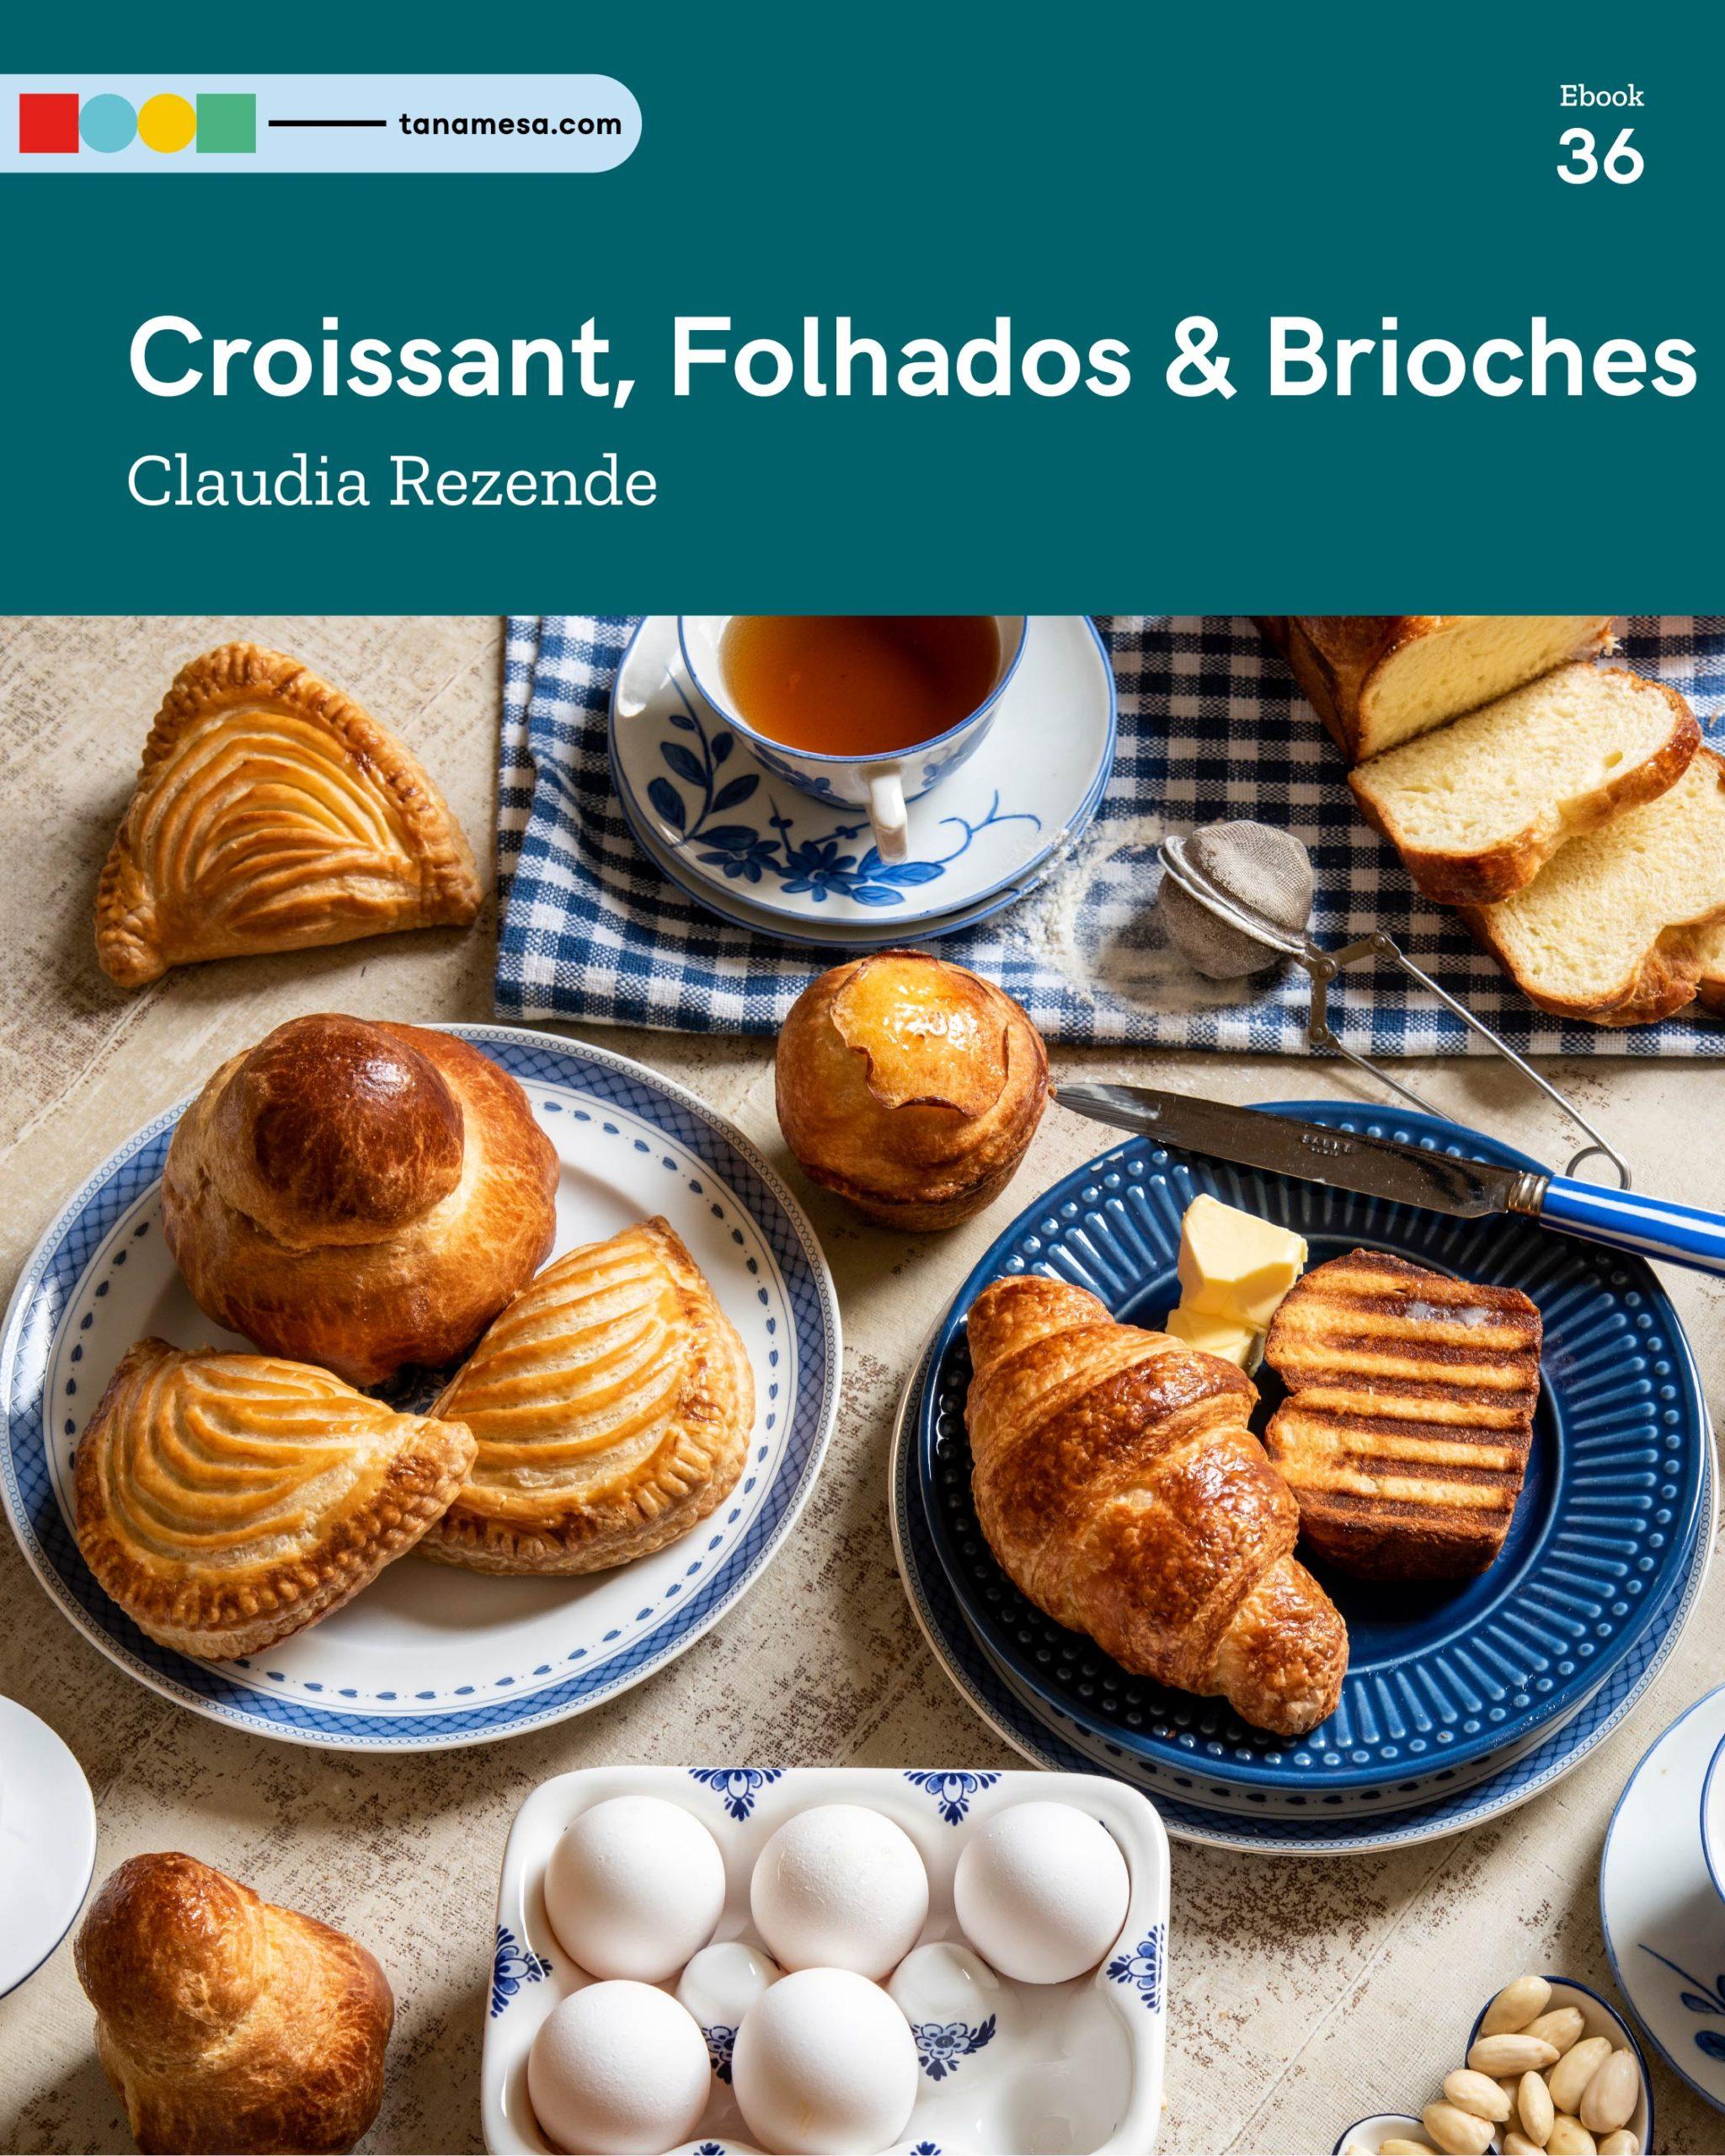 O croissant perfeito é possível! Confira dicas